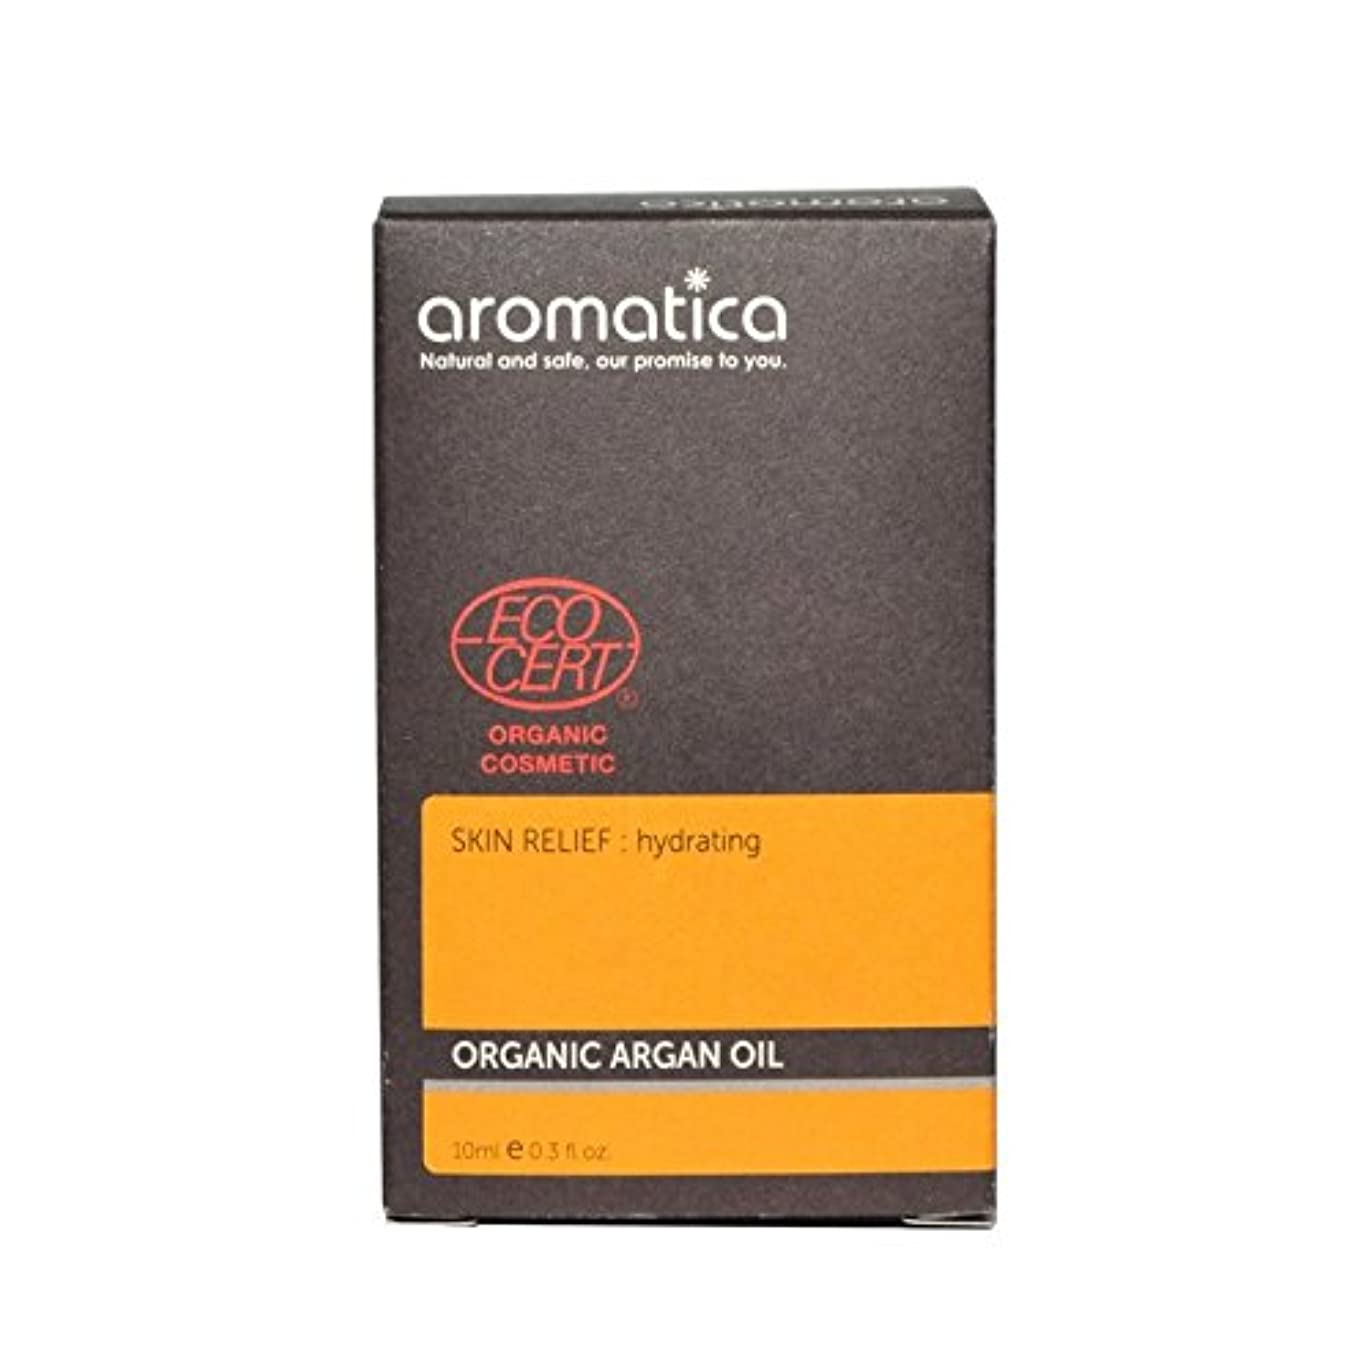 aromatica Organic Argan Oil 10ml - オーガニックアルガンオイル10ミリリットル [並行輸入品]